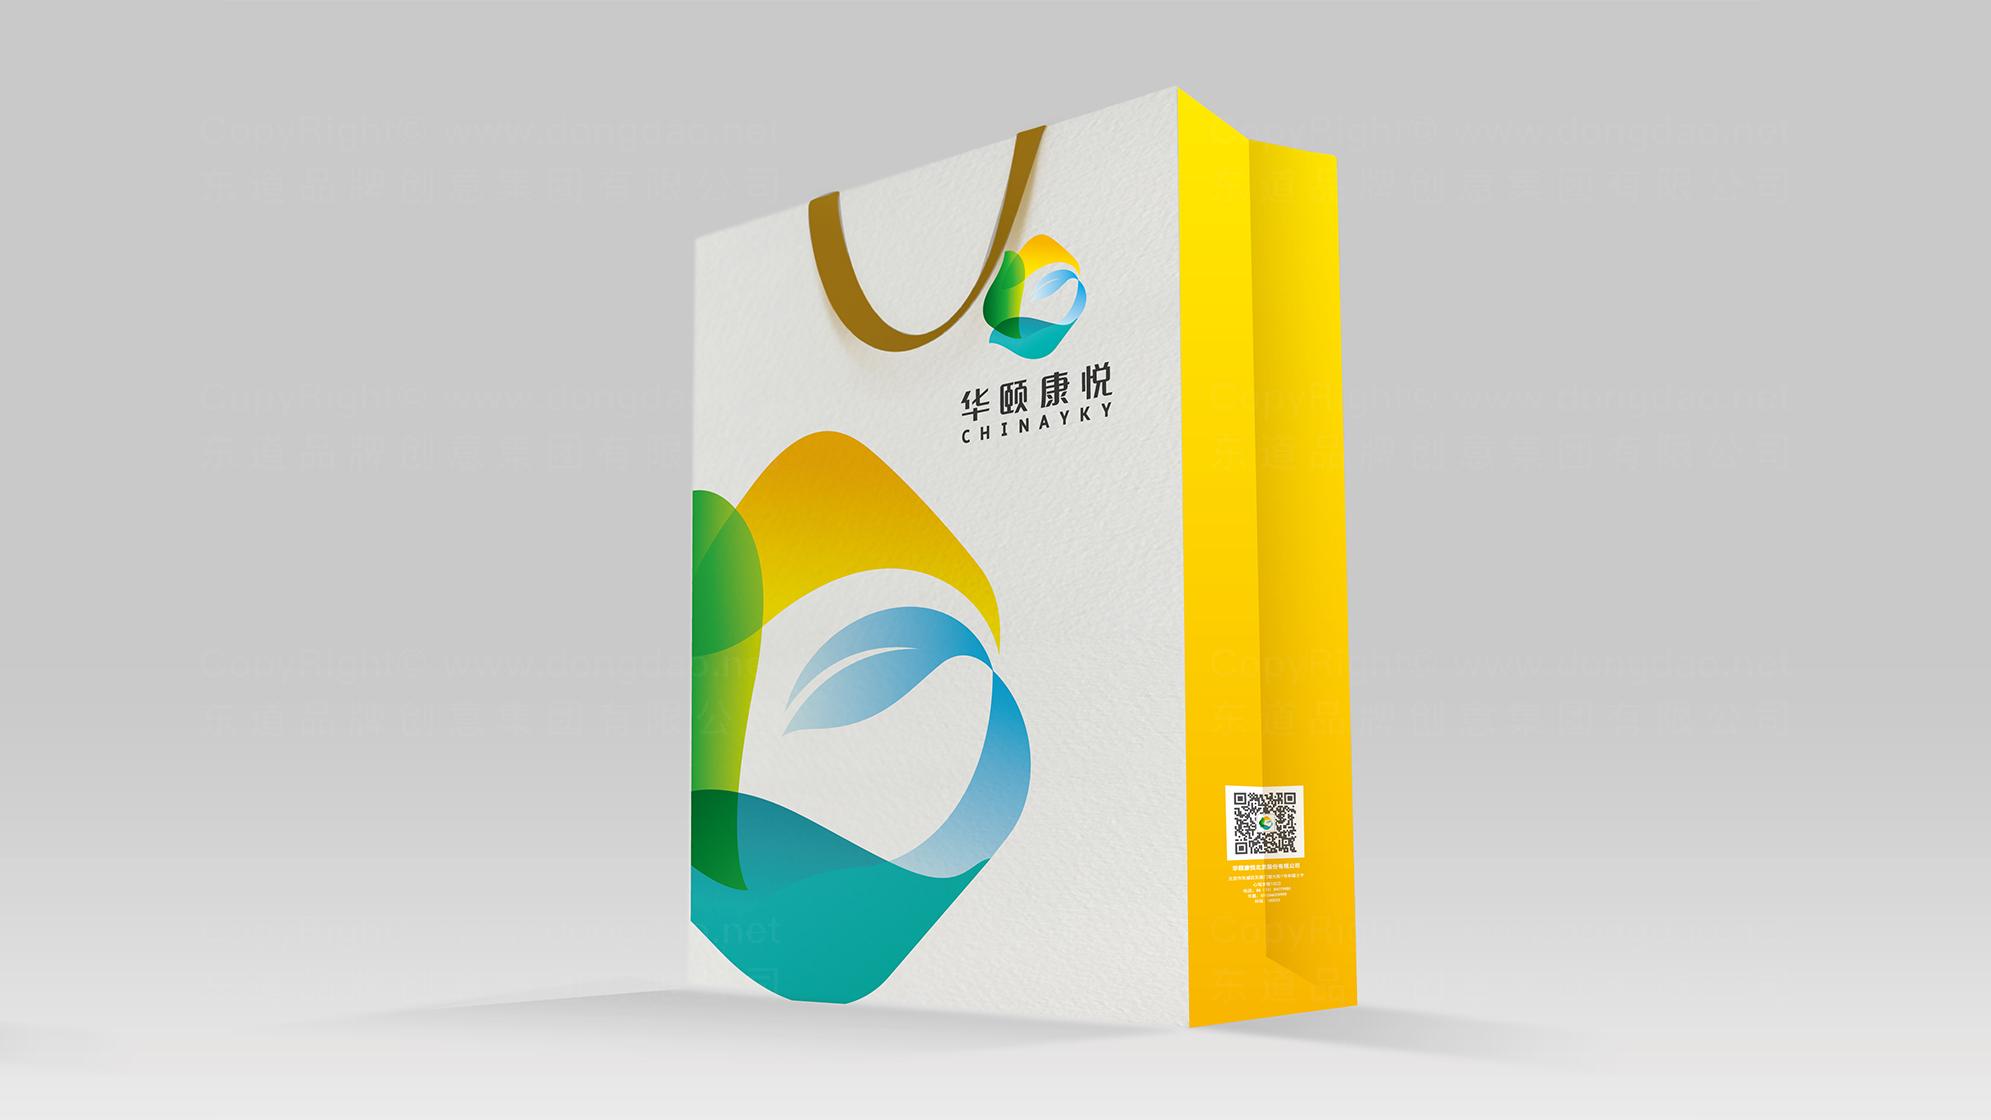 品牌设计华颐康悦标志设计应用场景